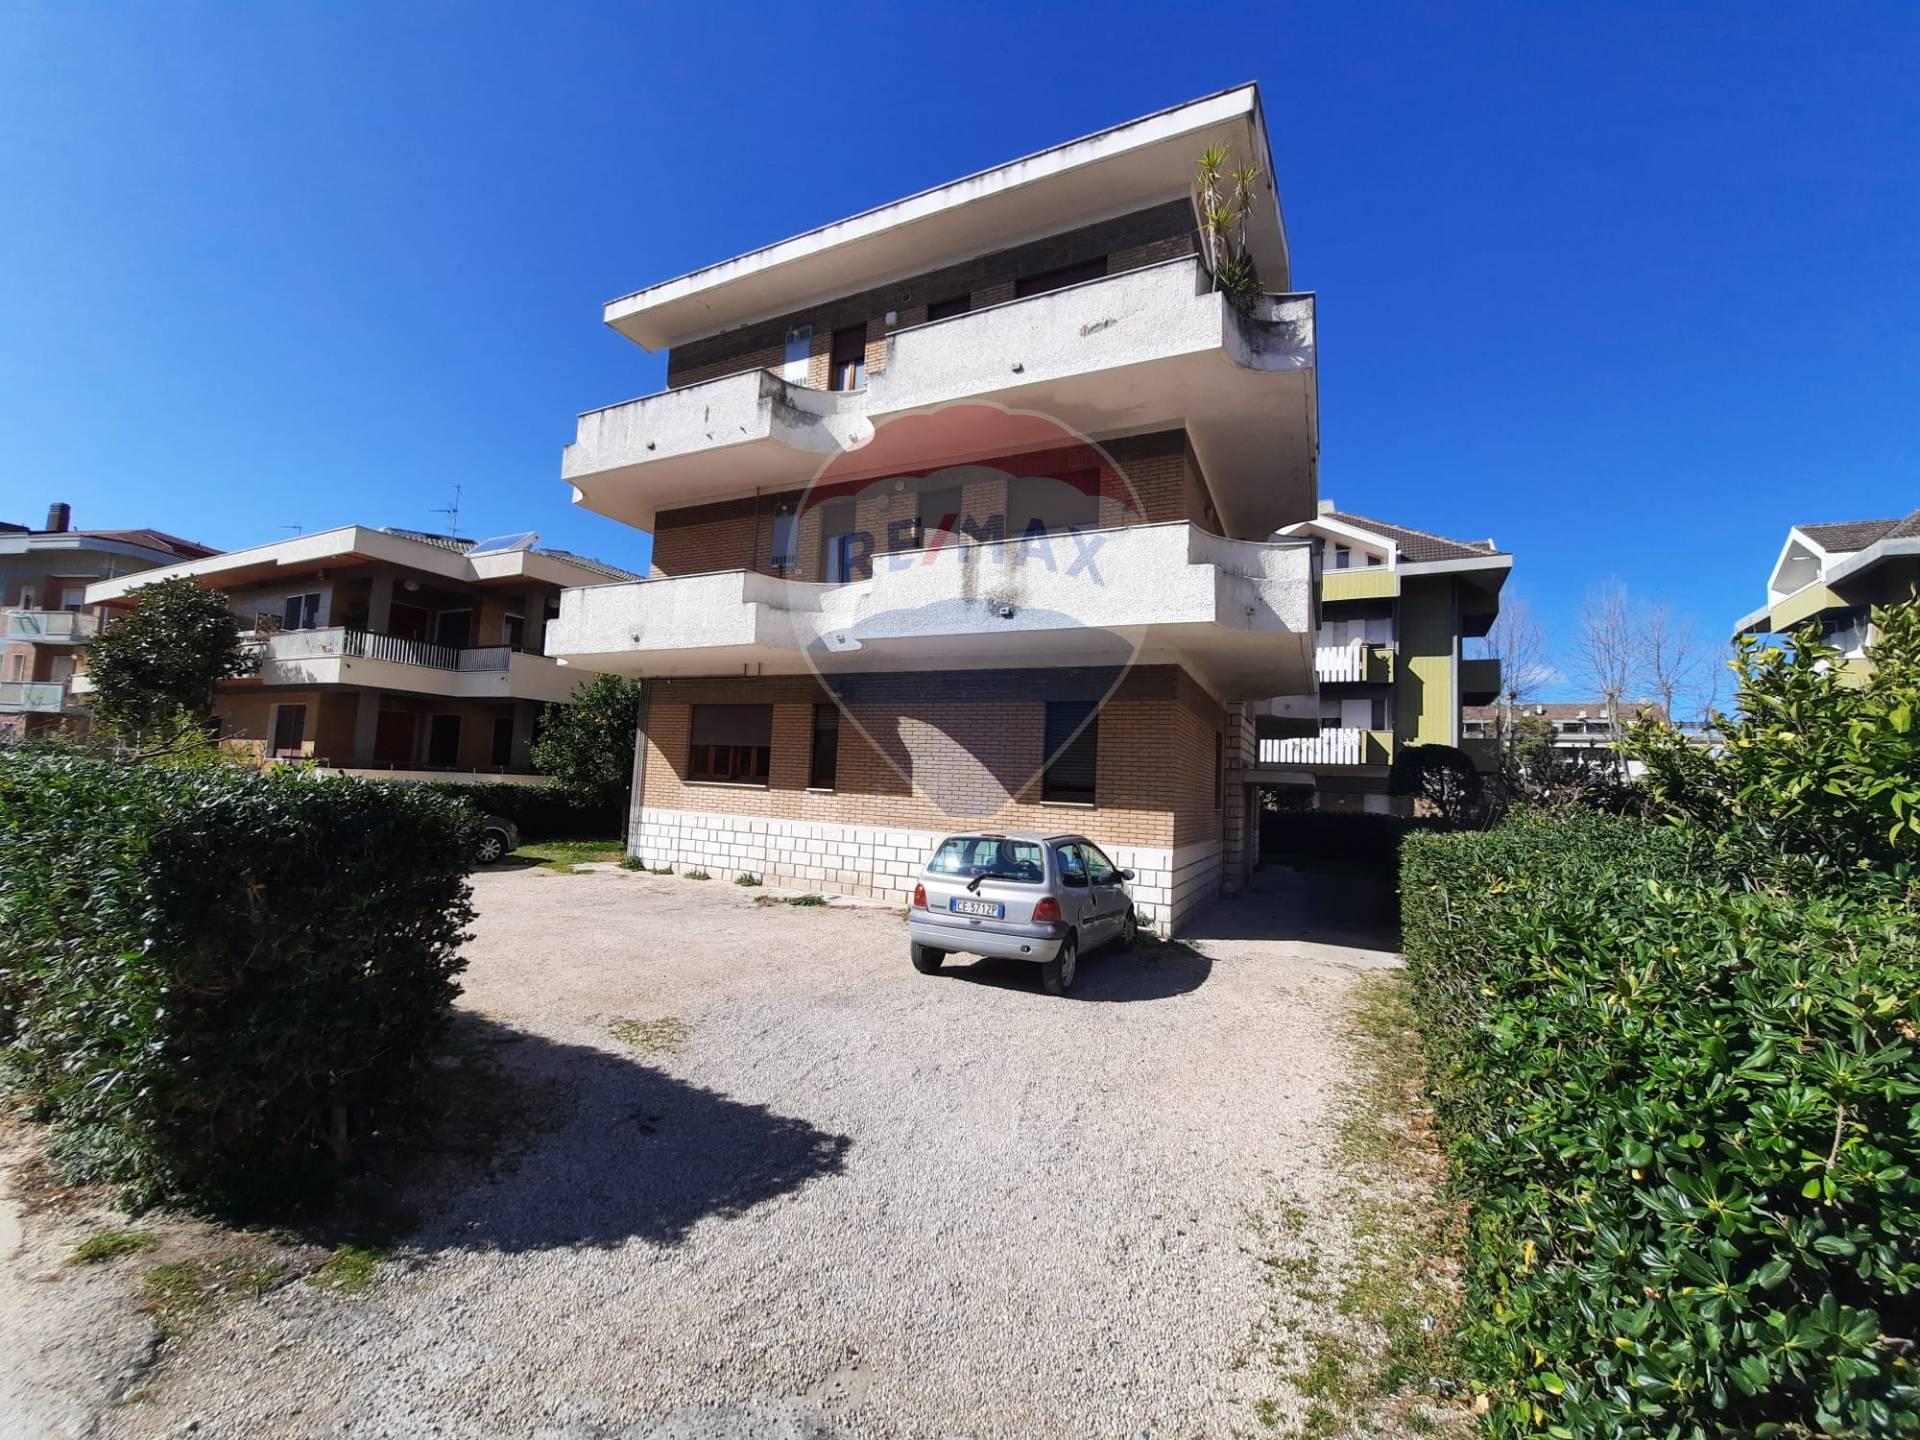 Appartamento in vendita a Francavilla al Mare, 4 locali, zona Località: FasciaLitoraleNord, prezzo € 75.000 | CambioCasa.it